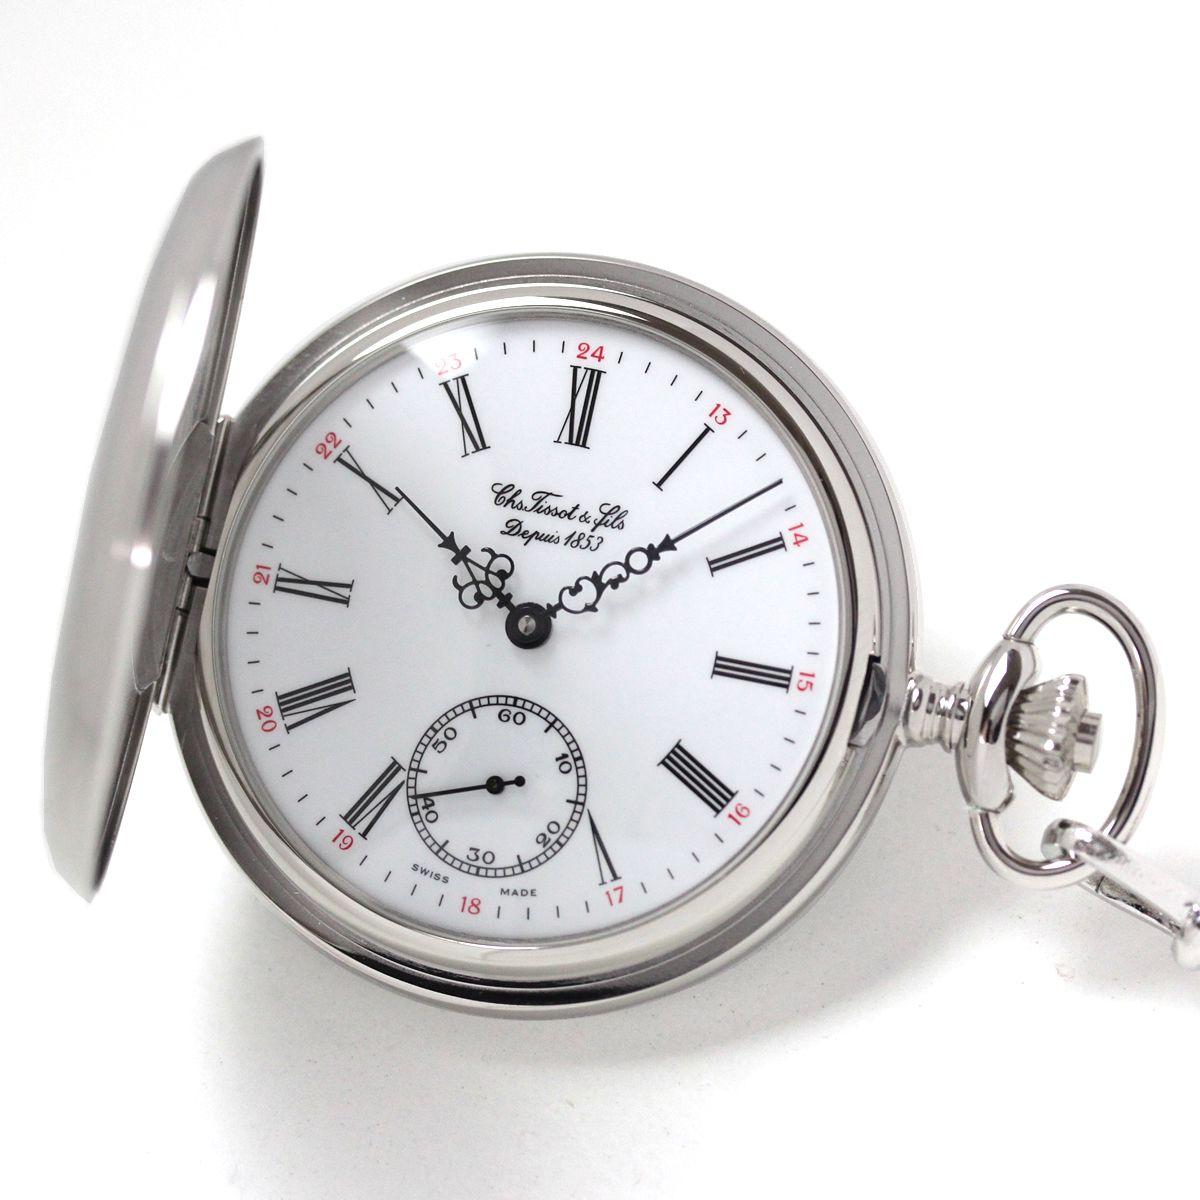 ティソ(TISSOT)/ハンターケース/T83.6.401.13 手巻き式 懐中時計